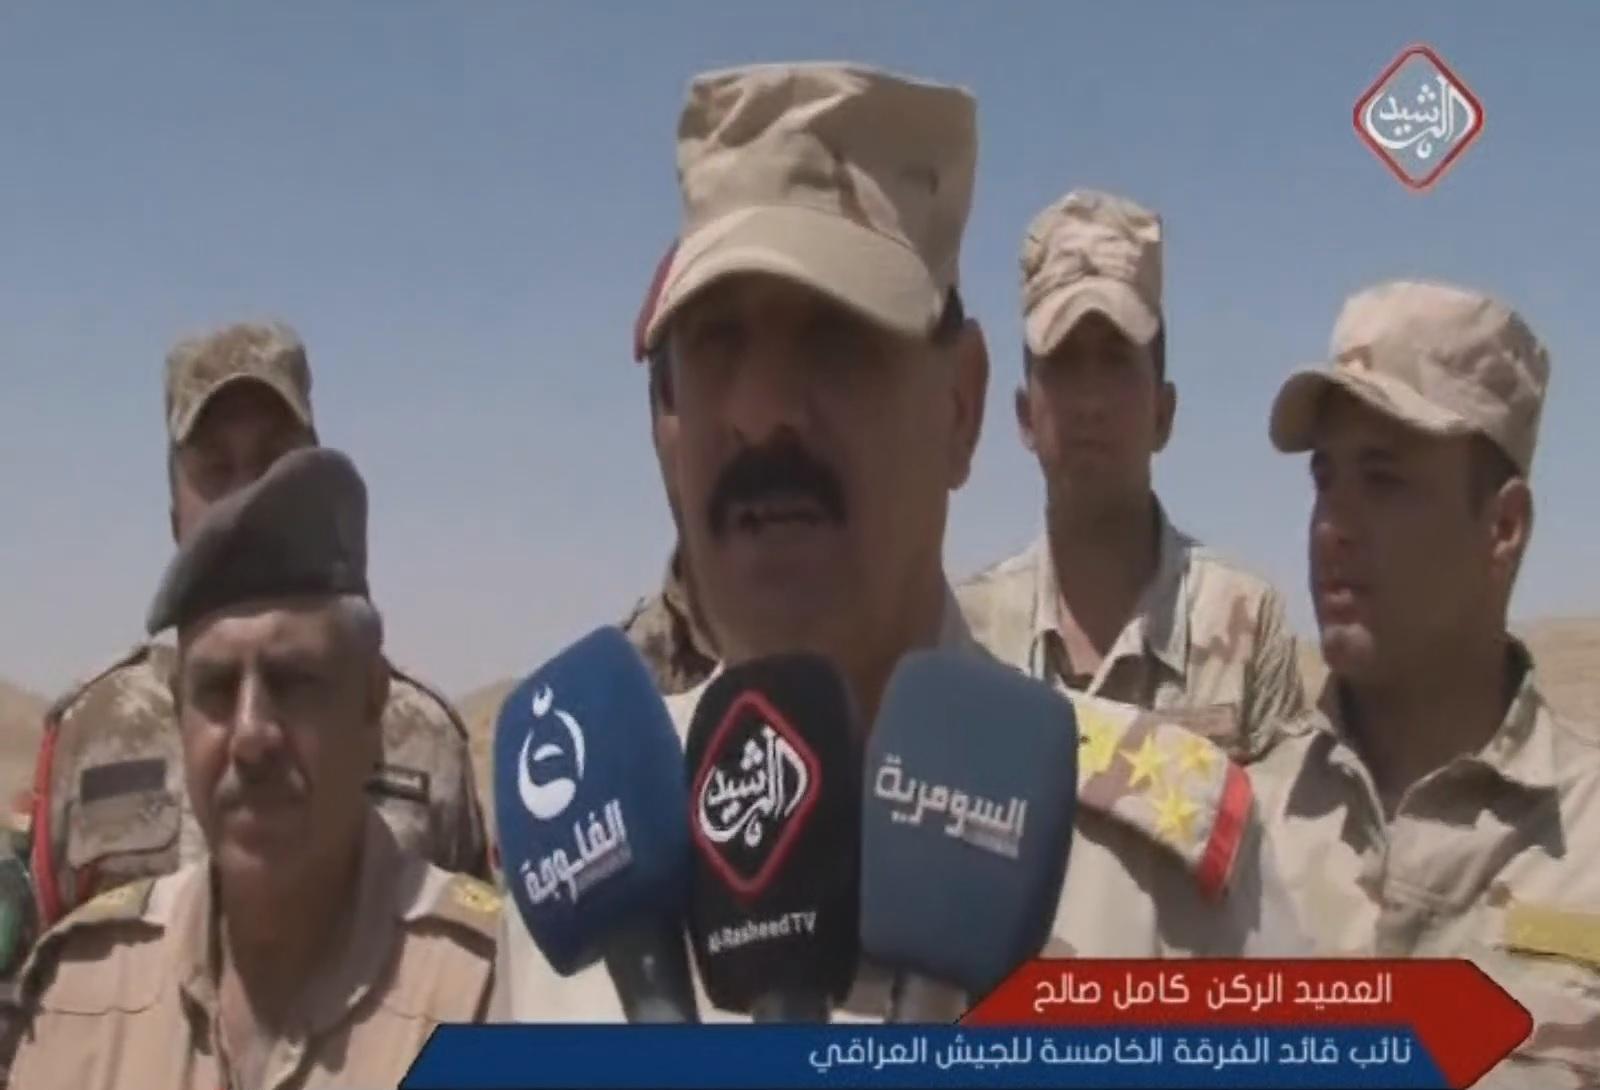 العميد الركن كامل صالح نائب قائد الفرقة الخامسة للجيش العراقي